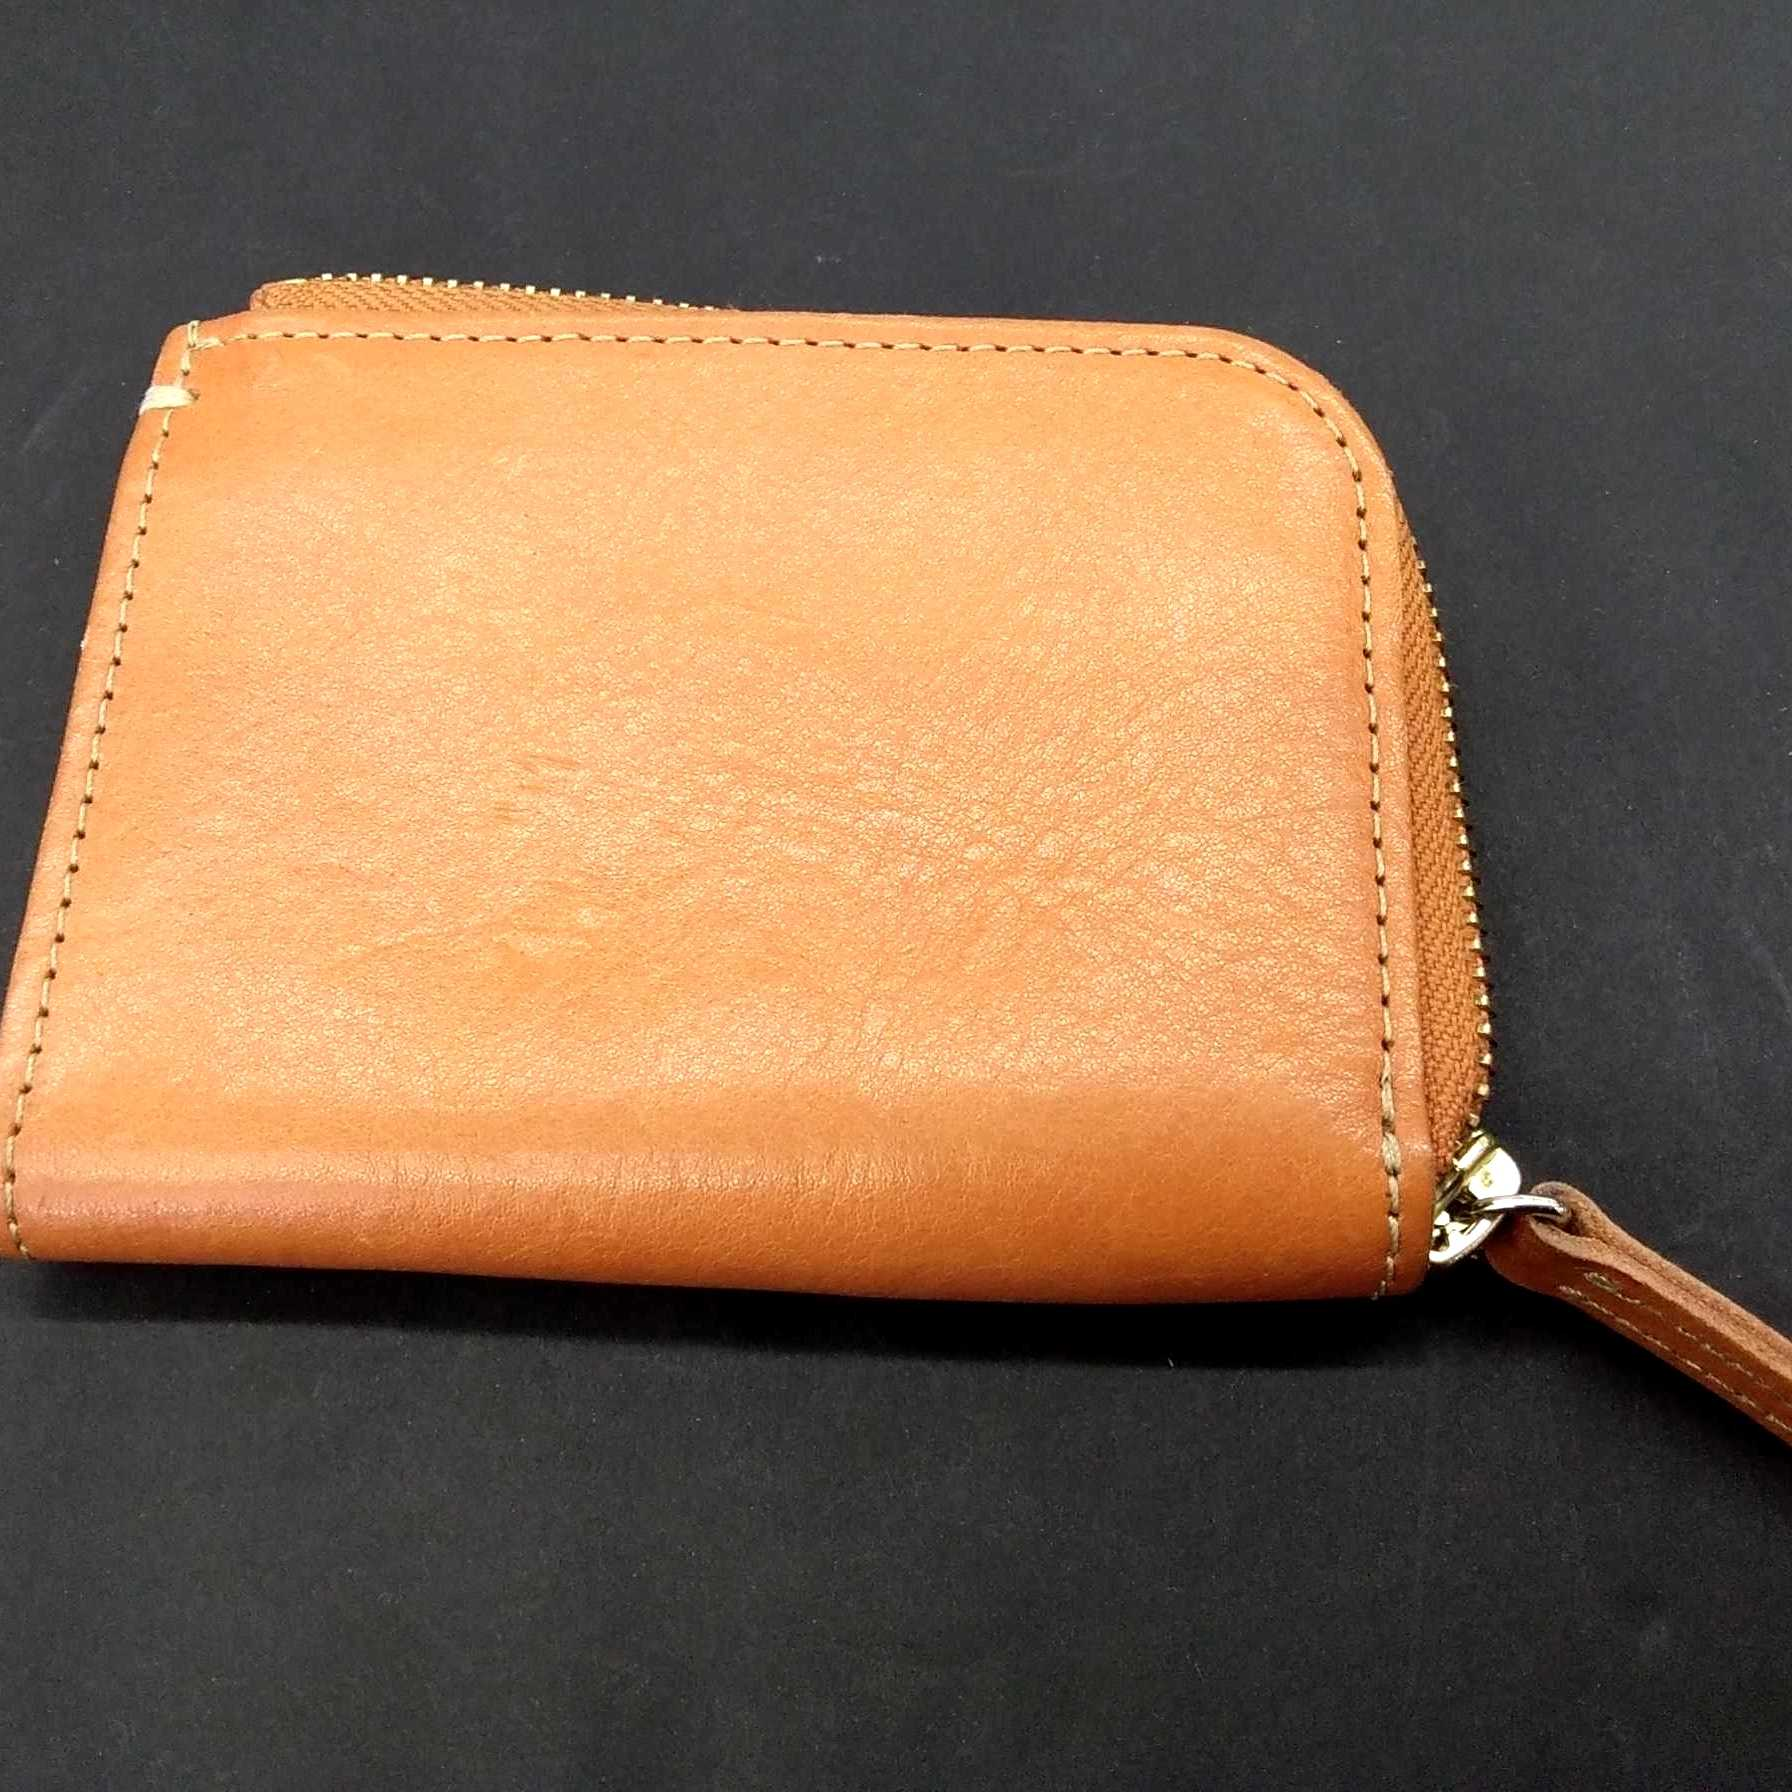 財布 土屋鞄製造所